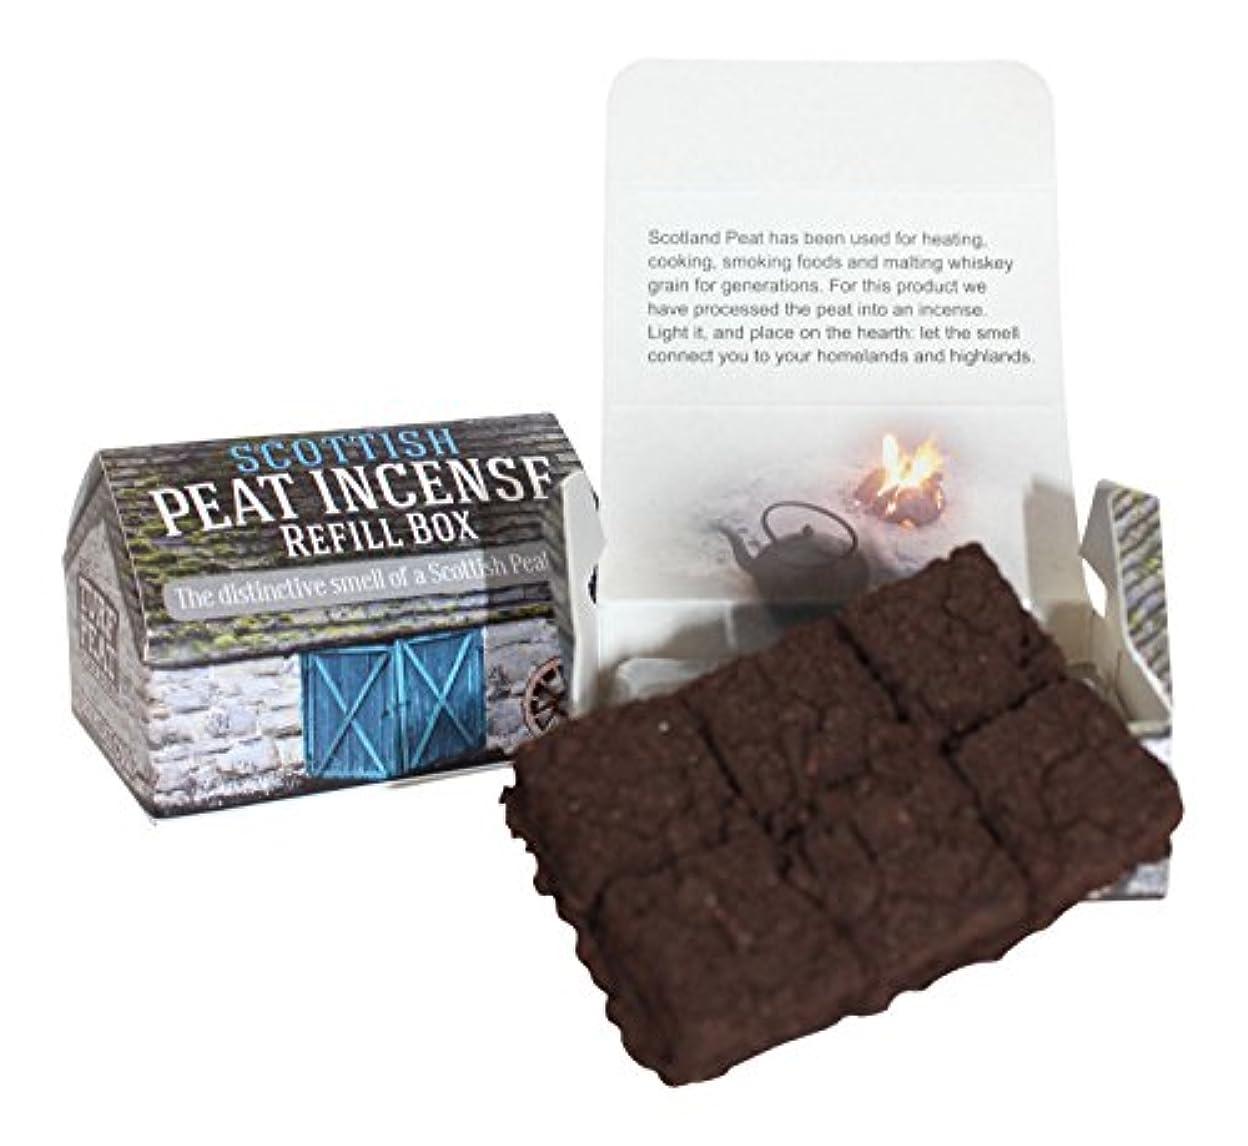 ビン床を掃除するタイトルスコットランドTurf Peat Incense Refills forセラミックHighland Cottage Burner